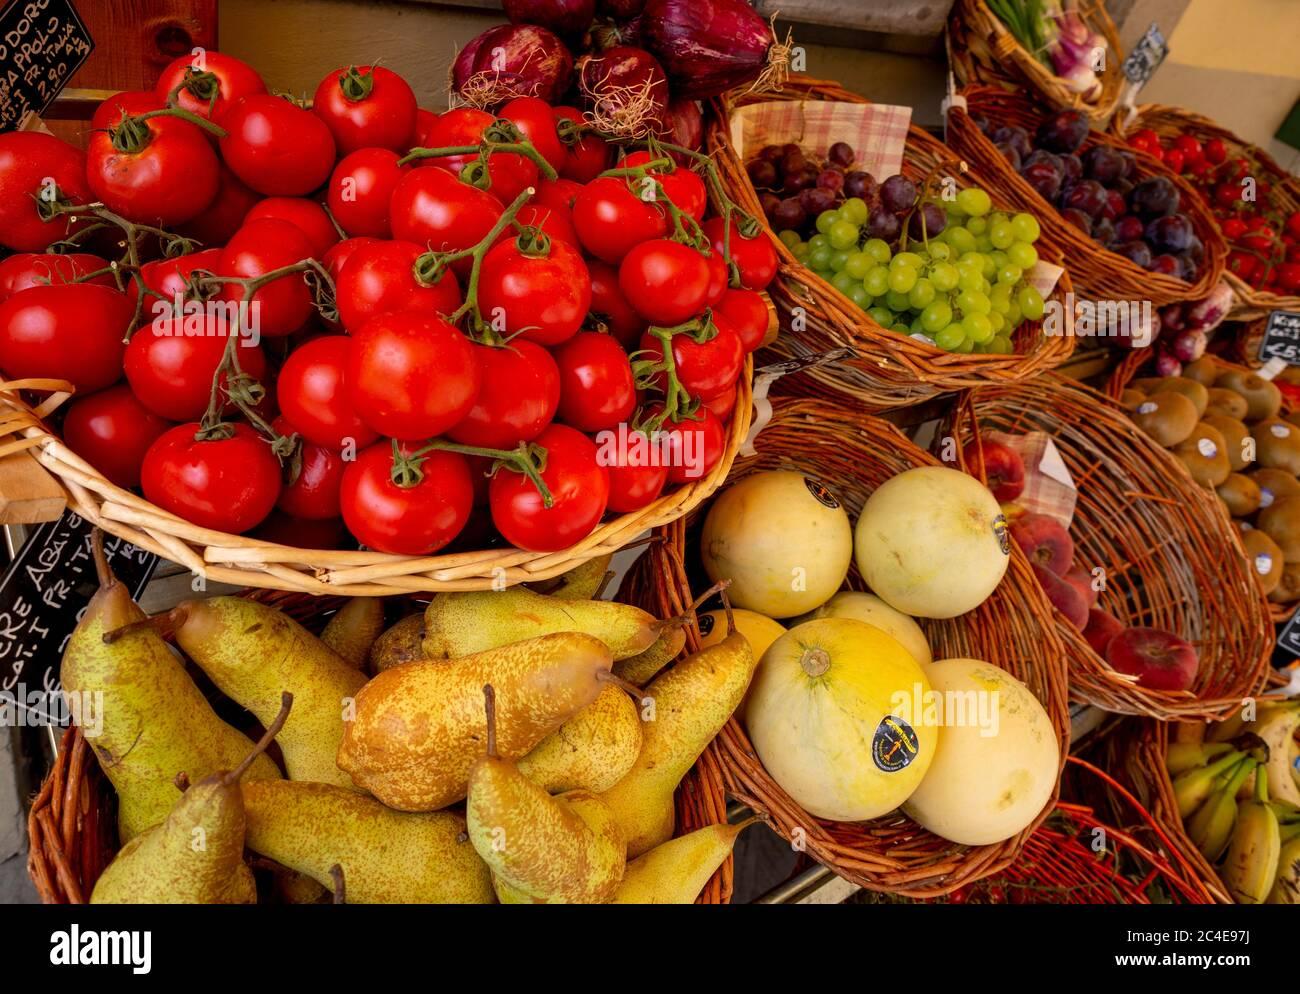 Frutas y verduras frescas que se muestran en las cestas fuera de un greengrocers italiano. Foto de stock